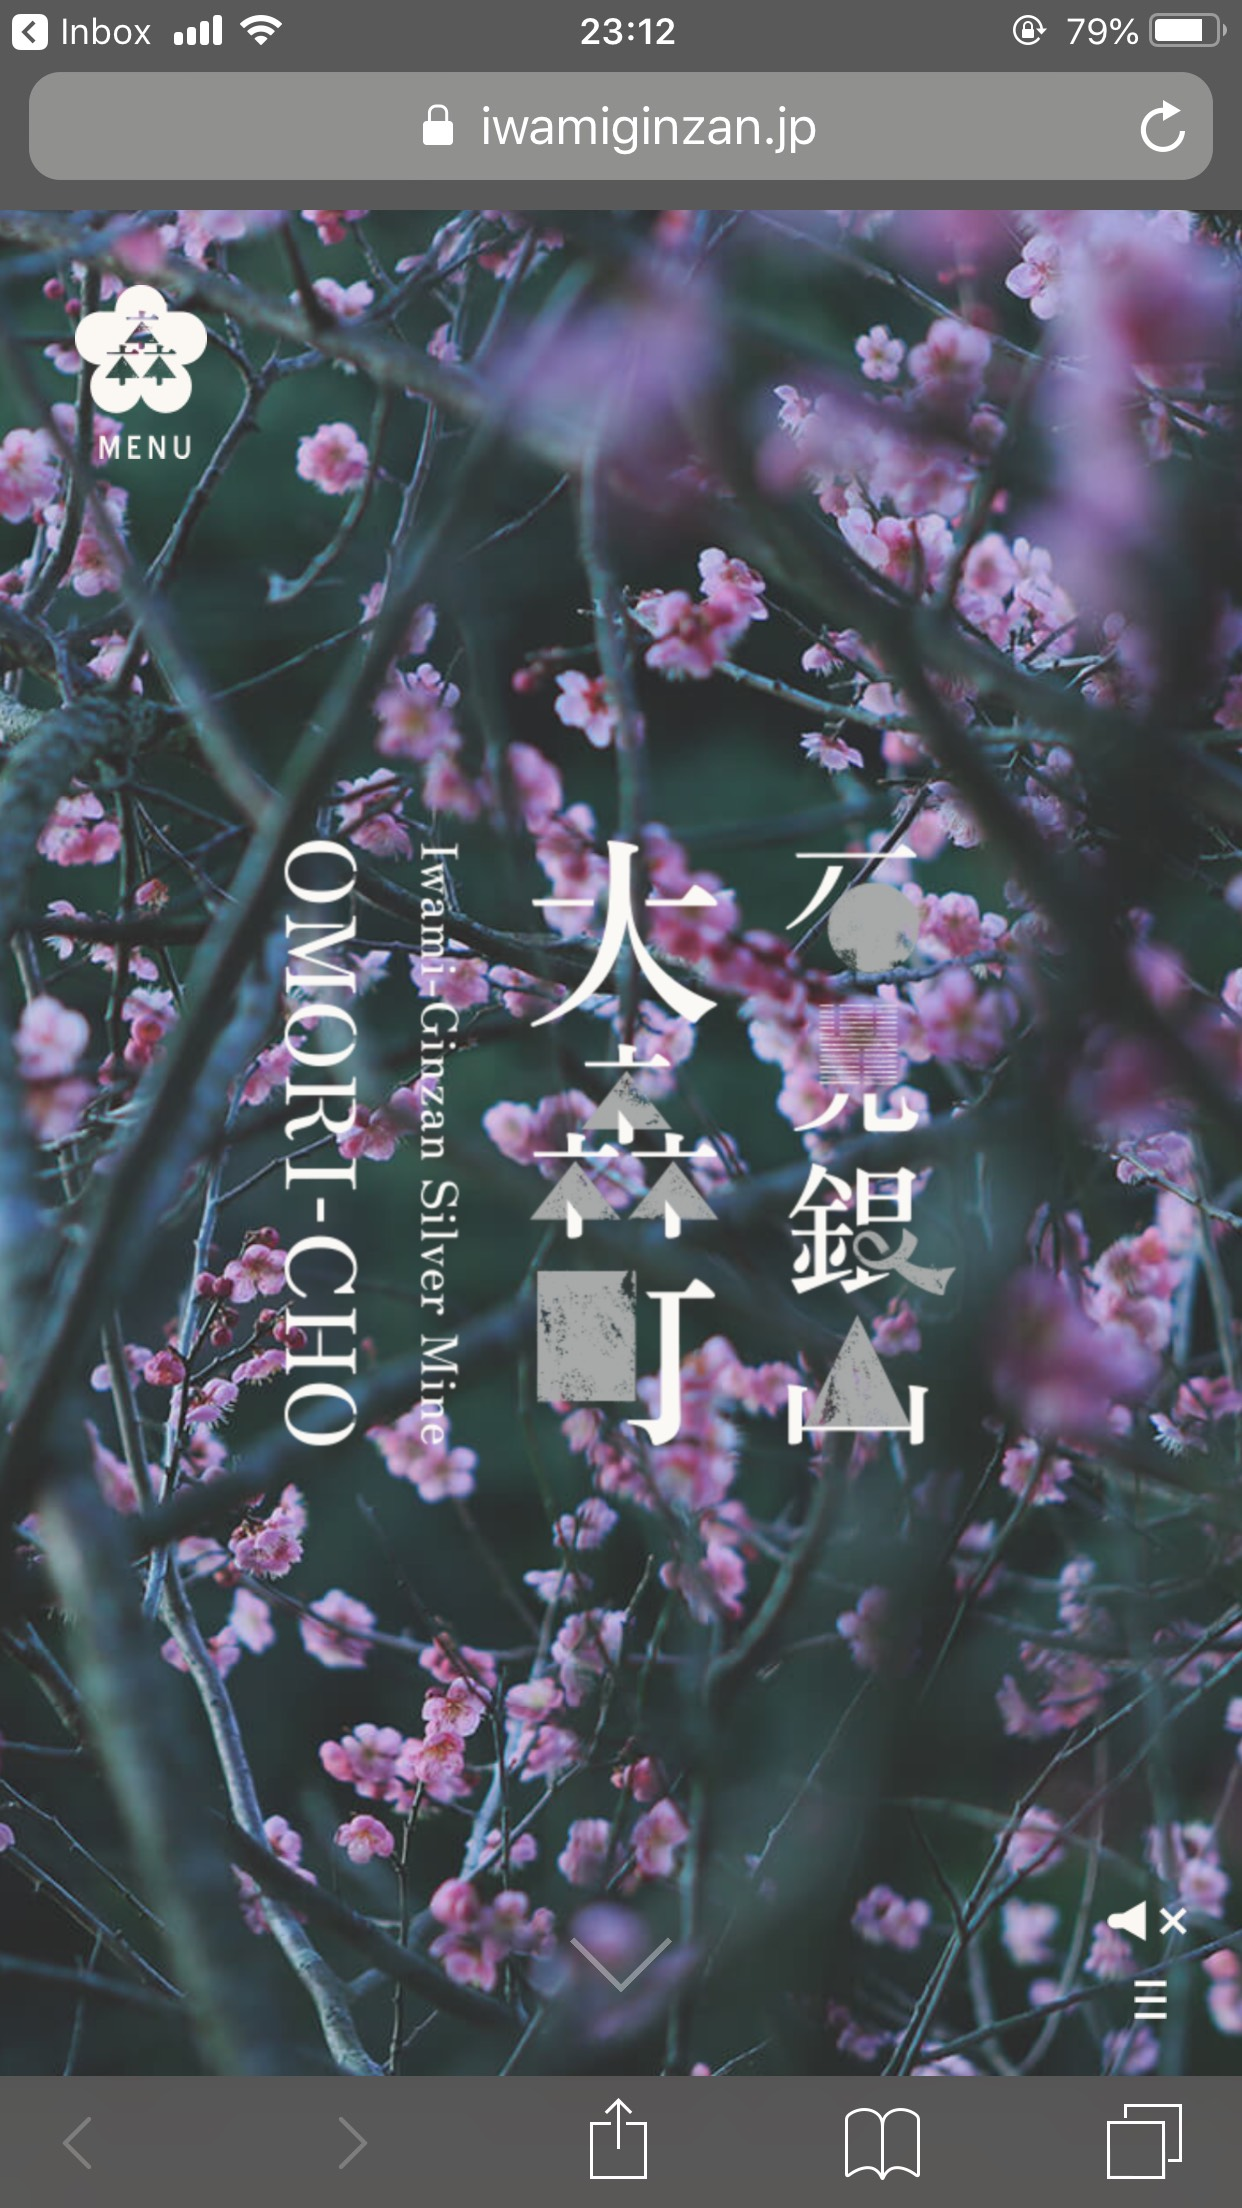 石見銀山・大森町 Omori-cho, Iwami-Ginzan Silver Mine|島根県大田市|NPO法人納川の会